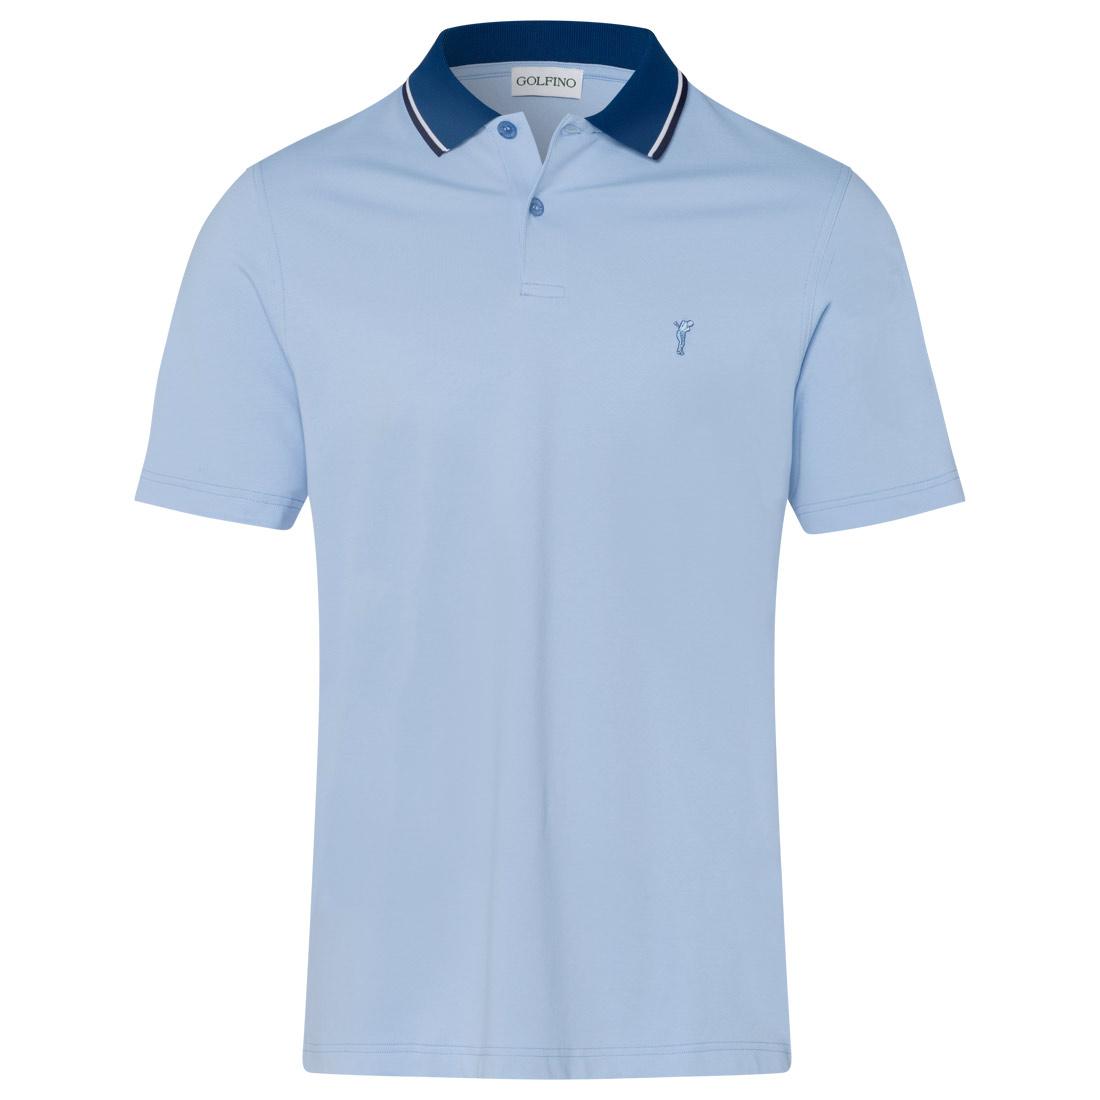 Modernes Herren Kurzarm-Poloshirt